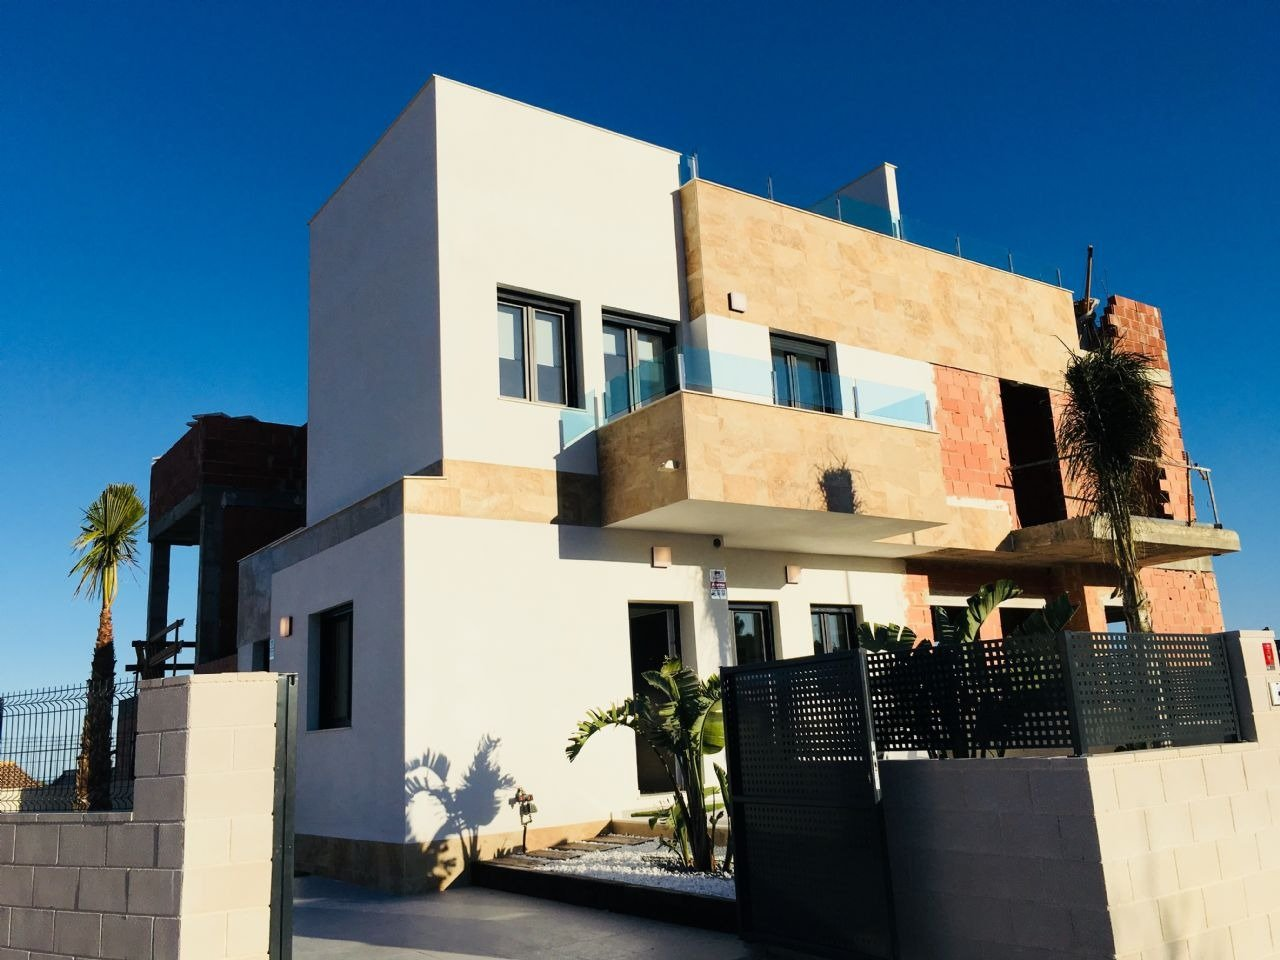 Inmobiliaria en Altea - Propiedades en venta Altea - villa - alberca